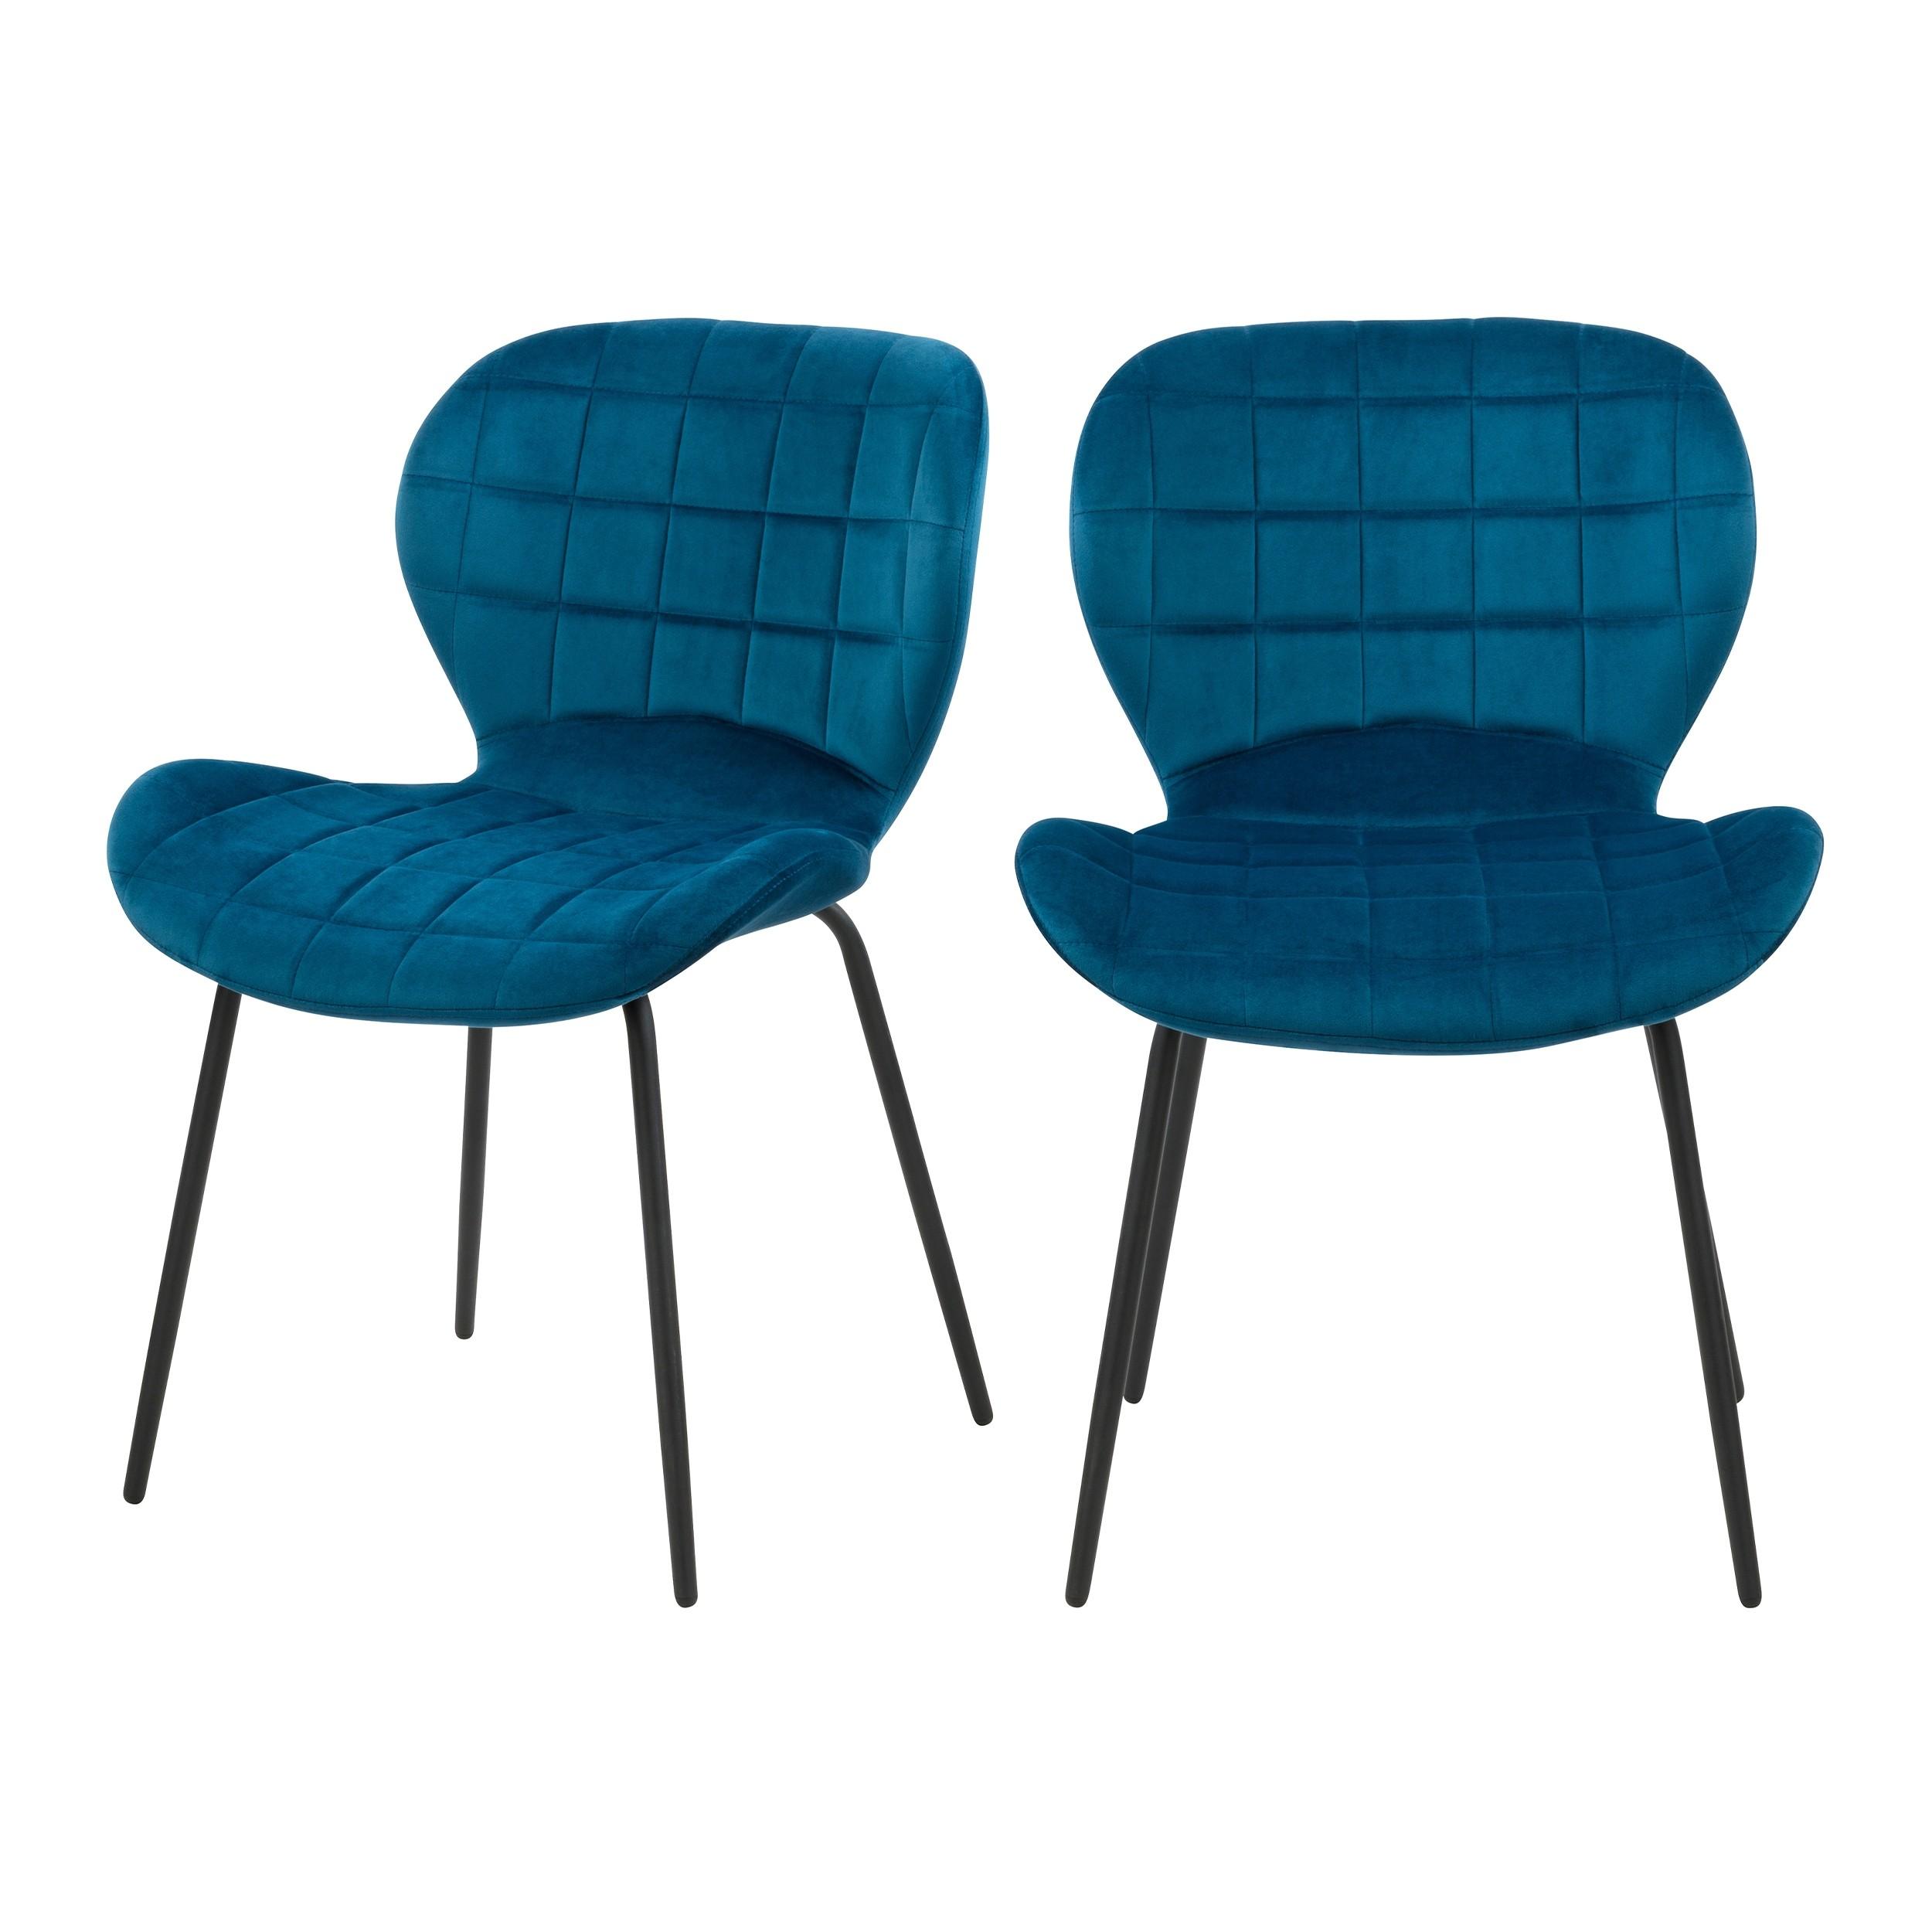 acheter chaises bleues en velours lot de 2